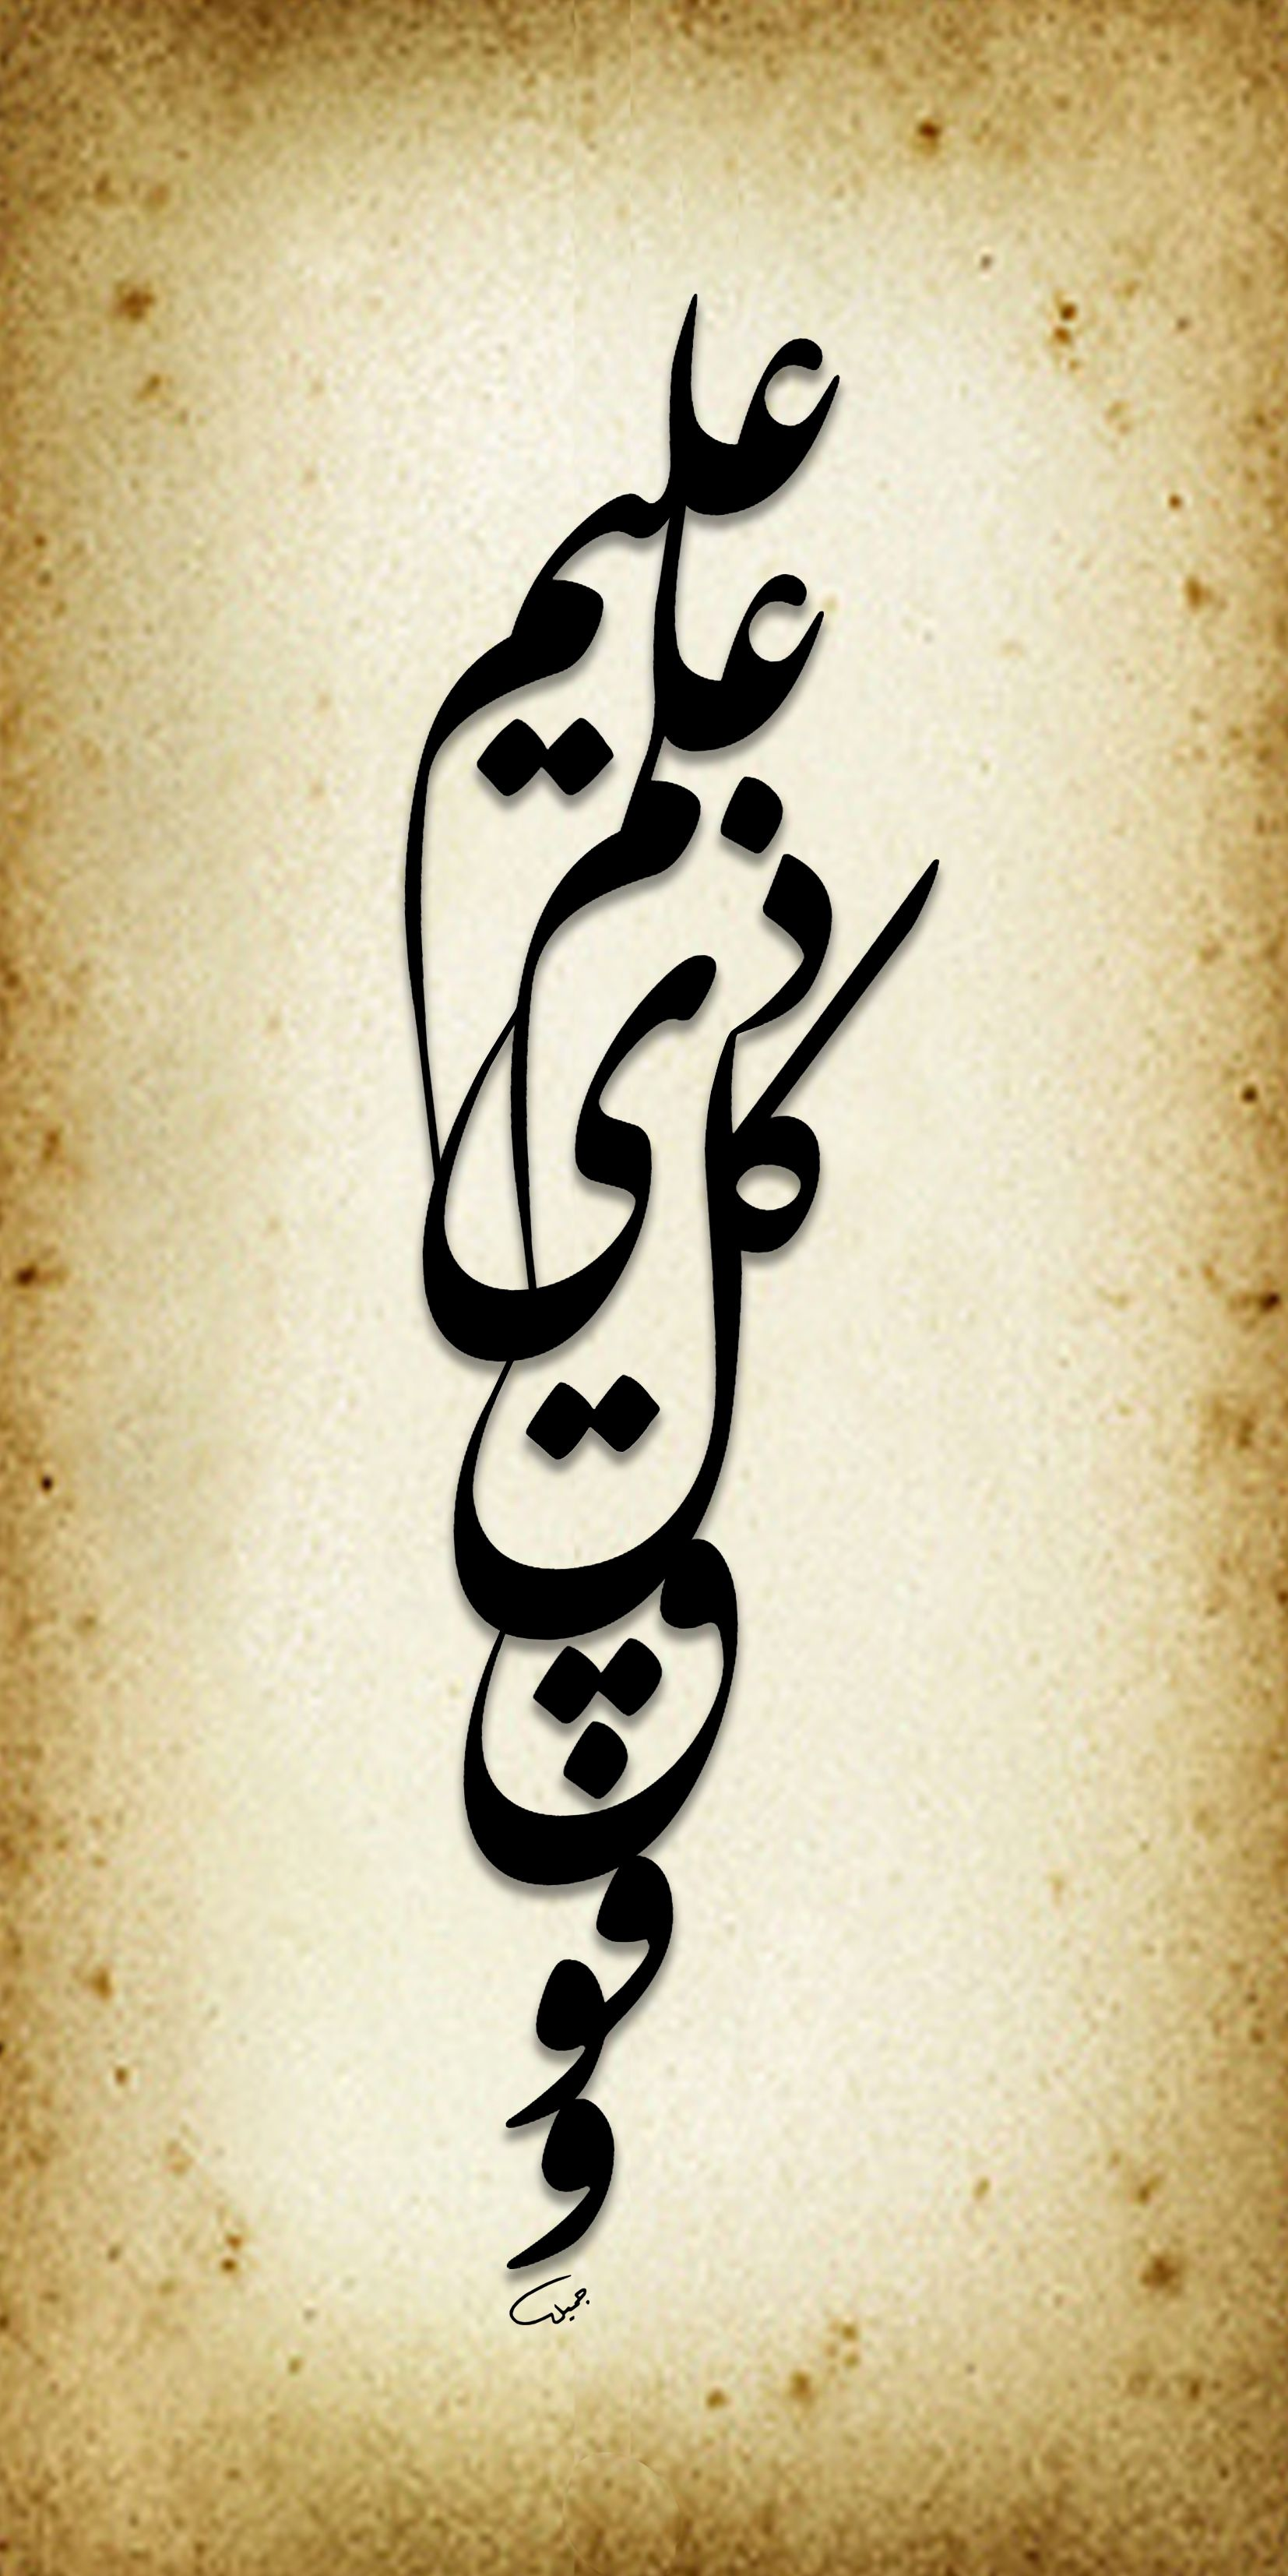 وفوق كل ذي علم عليم Arabic Art Arabic Calligraphy Calligraphy